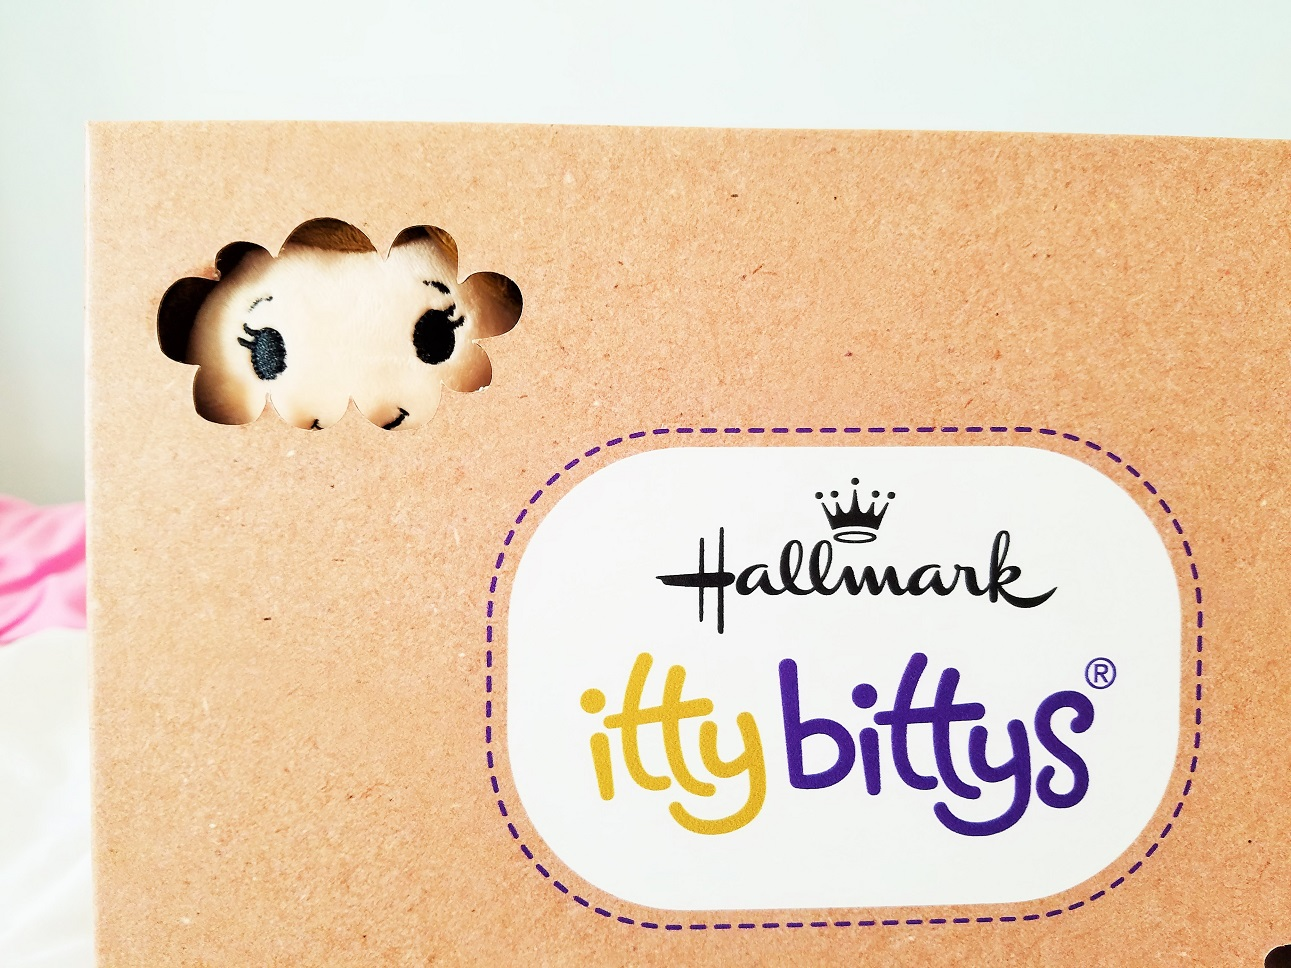 Hallmark Itty Bittys Stuffed Toys